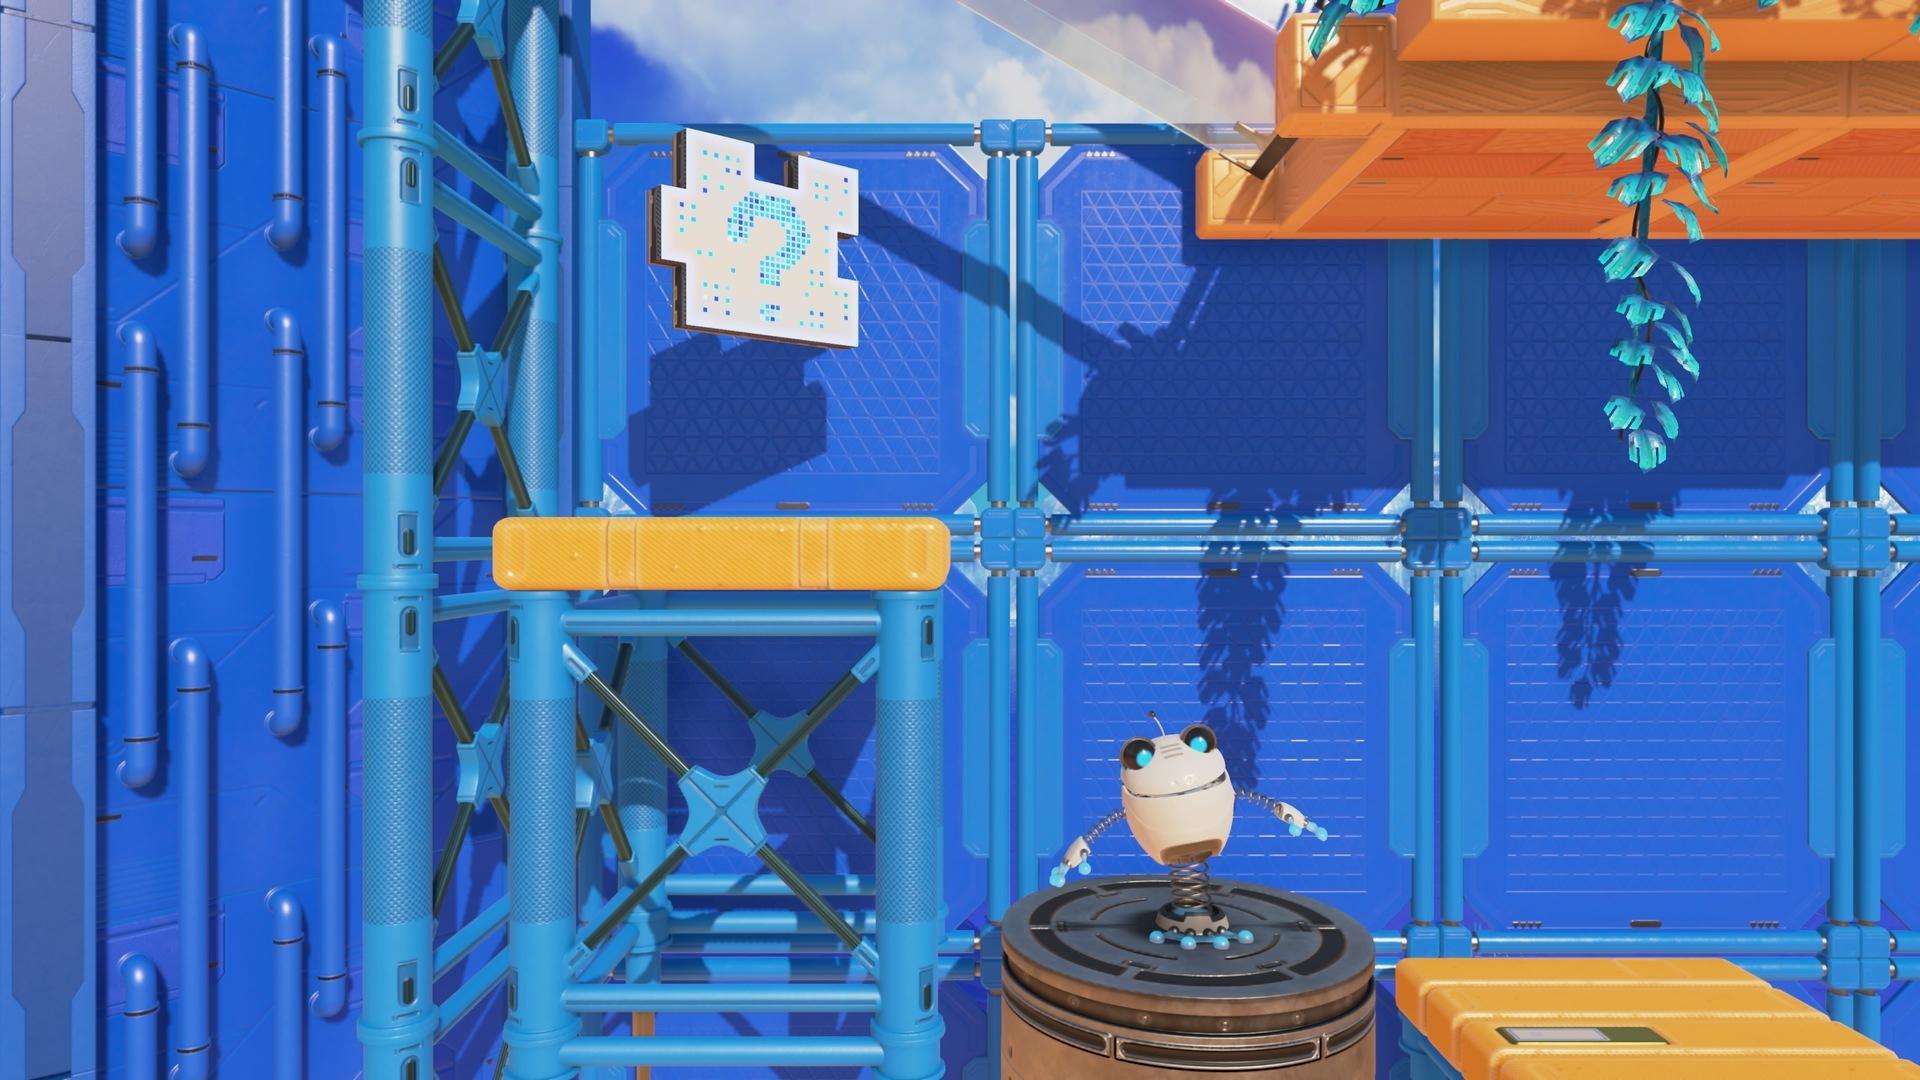 Astros Playroom® スプリング スパ-7